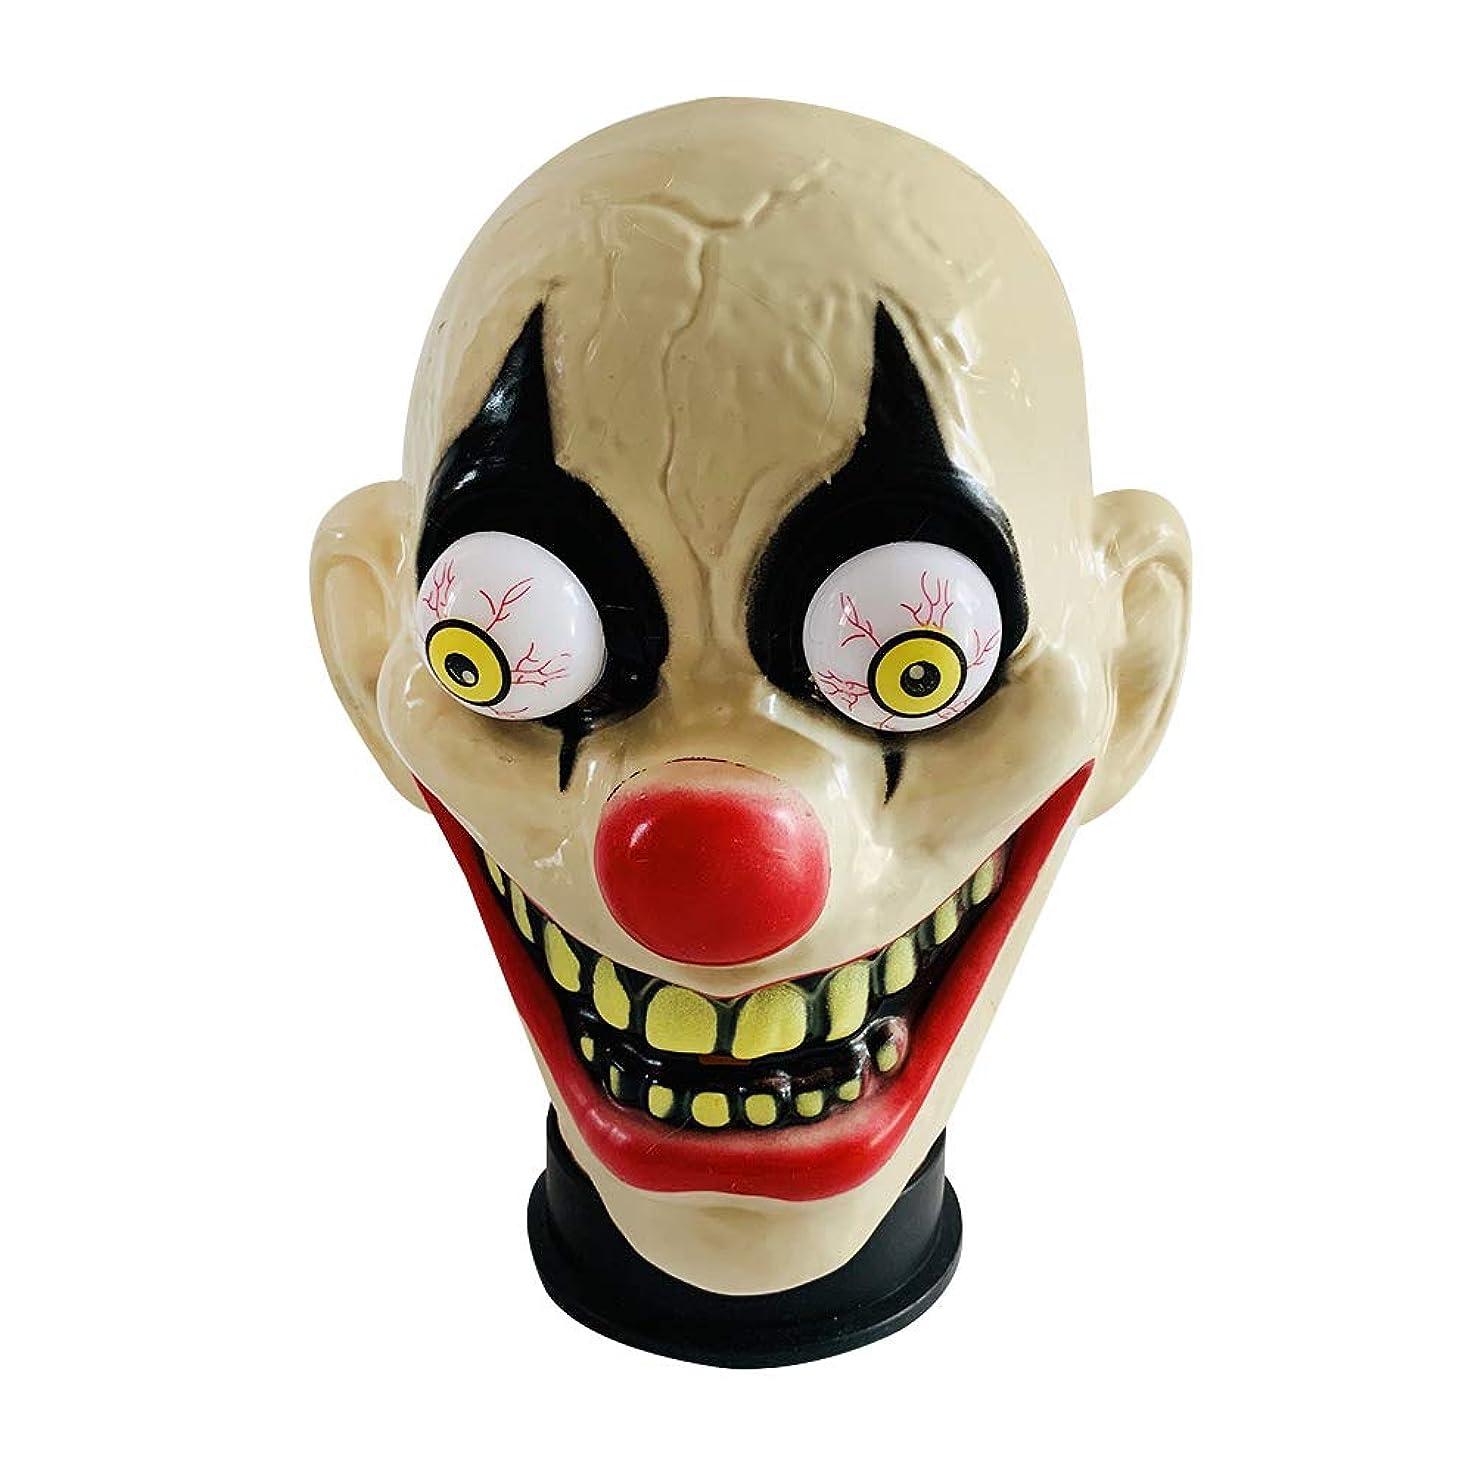 スーパー保守可能出席BESTOYARD ハロウィーン怖いピエロマスクテロホラーピエロヘッドカバーハロウィンコスプレパーティー用男性用マスク(ピエロタイプ)